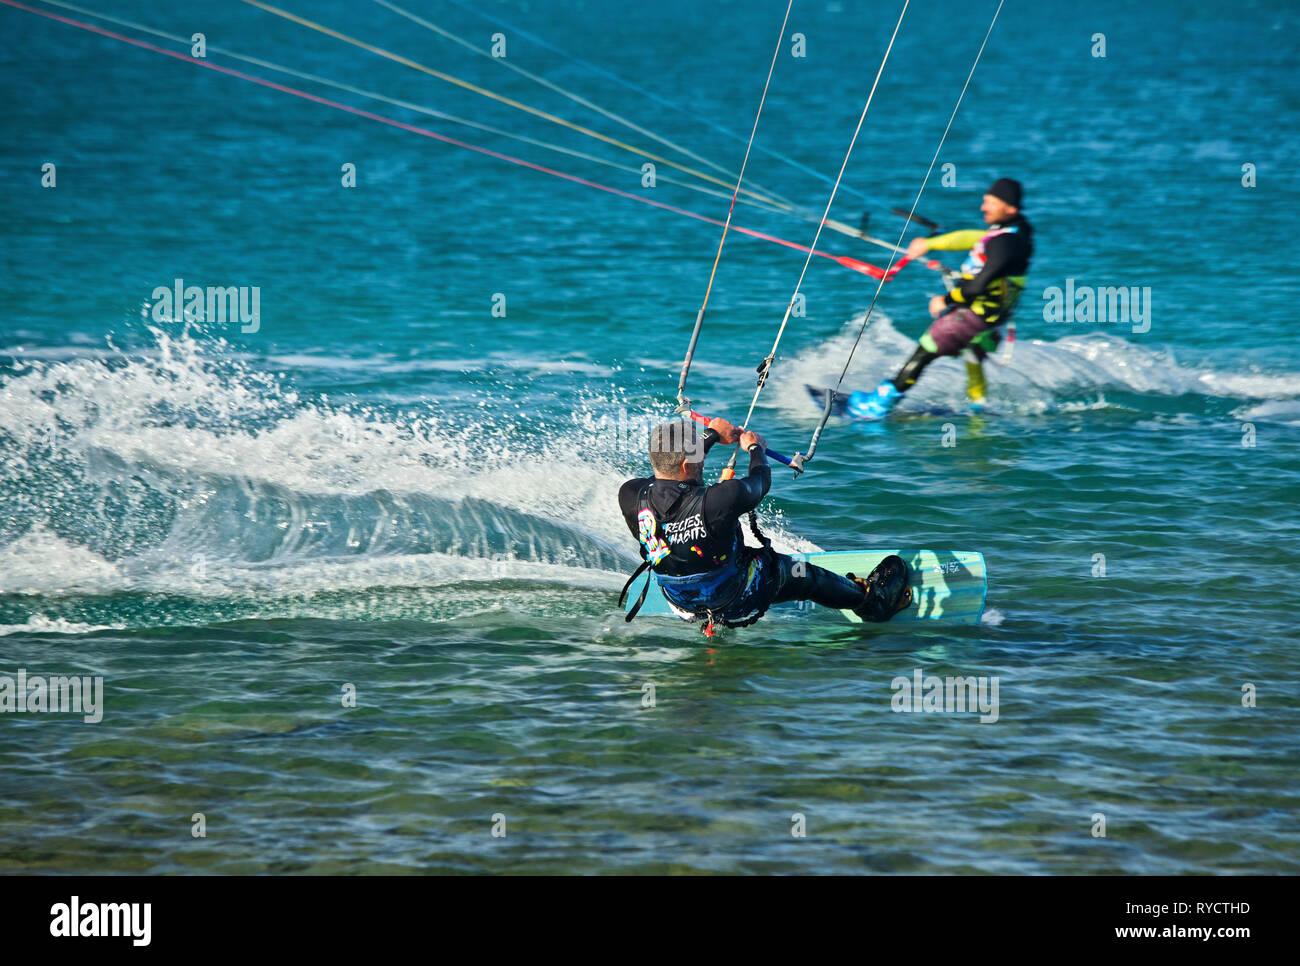 Kitesurfers at the bay of Mirabello, Elounda town, municipality of Agios Nikolaos, Lasithi, Crete. - Stock Image